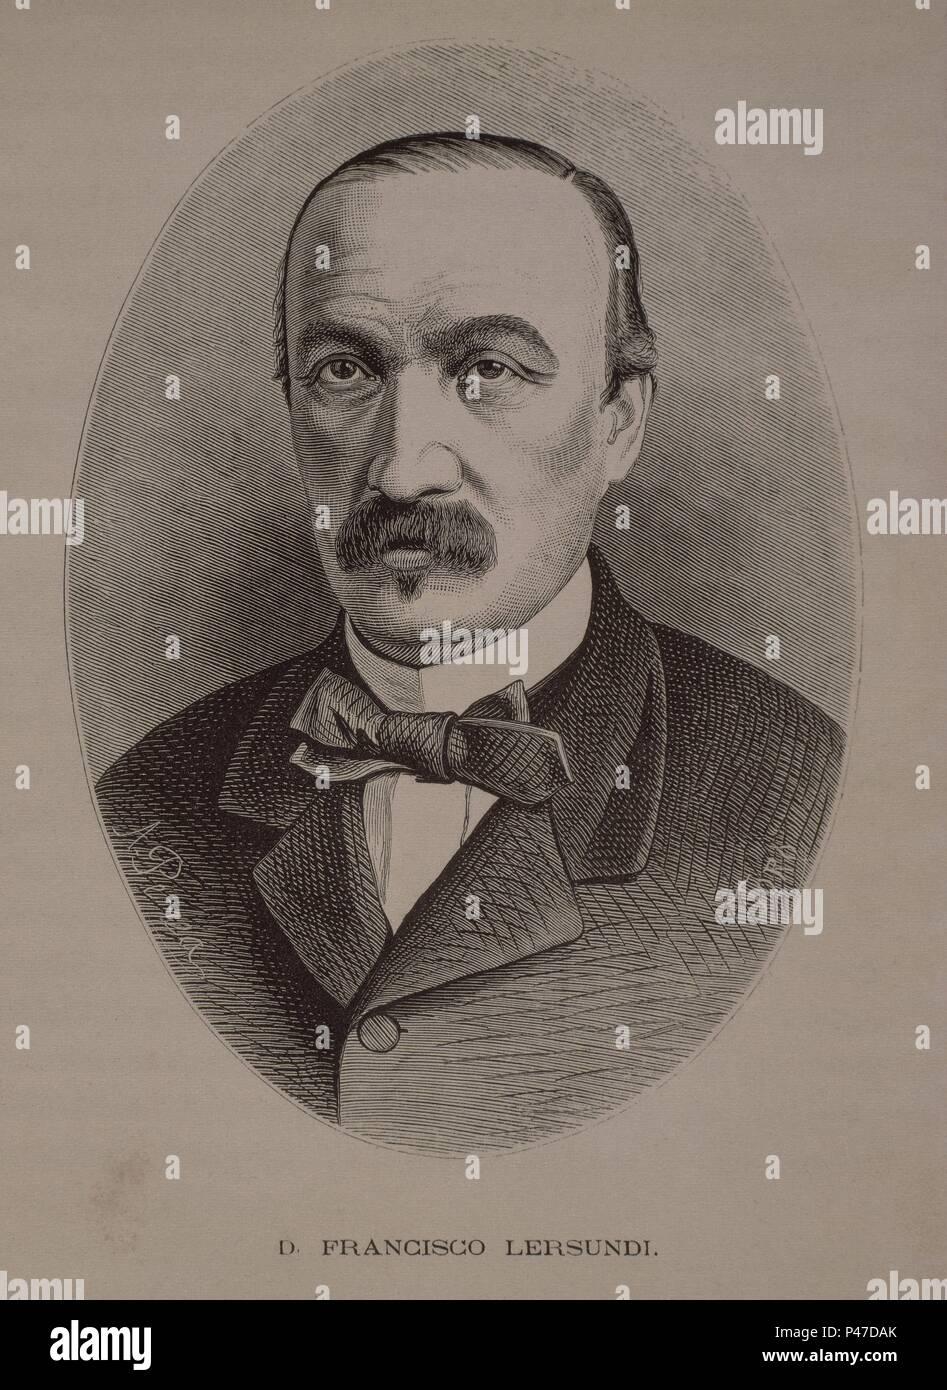 FRANCISCO LERSUNDI(1817-1874)CAPITAN GRAL EN LA 1ªGUERRA CUBA O DE LOS 10 AÑOS. Stock Photo